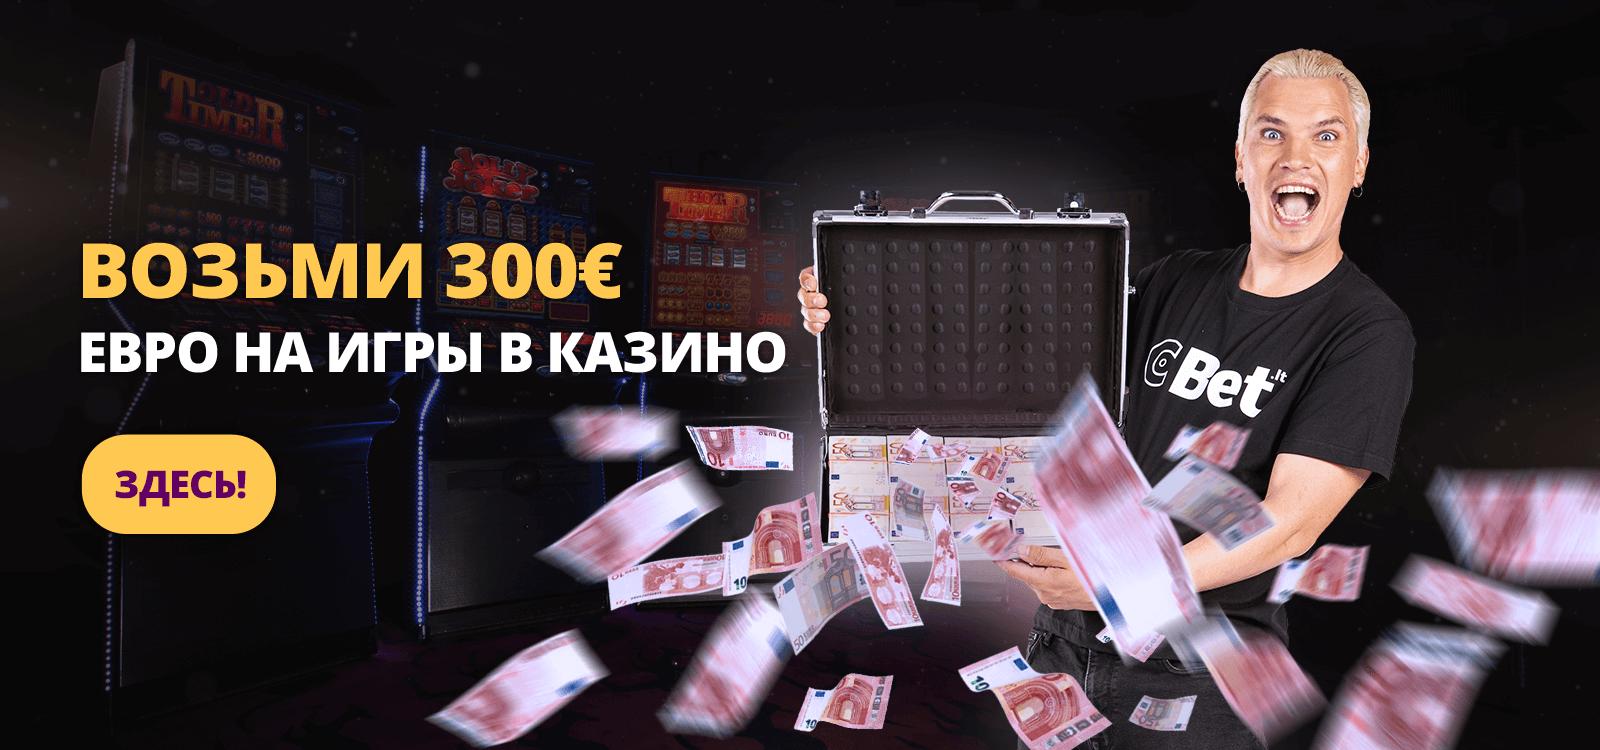 Ru_tuk_tuk_kazino_welcome_1600x750